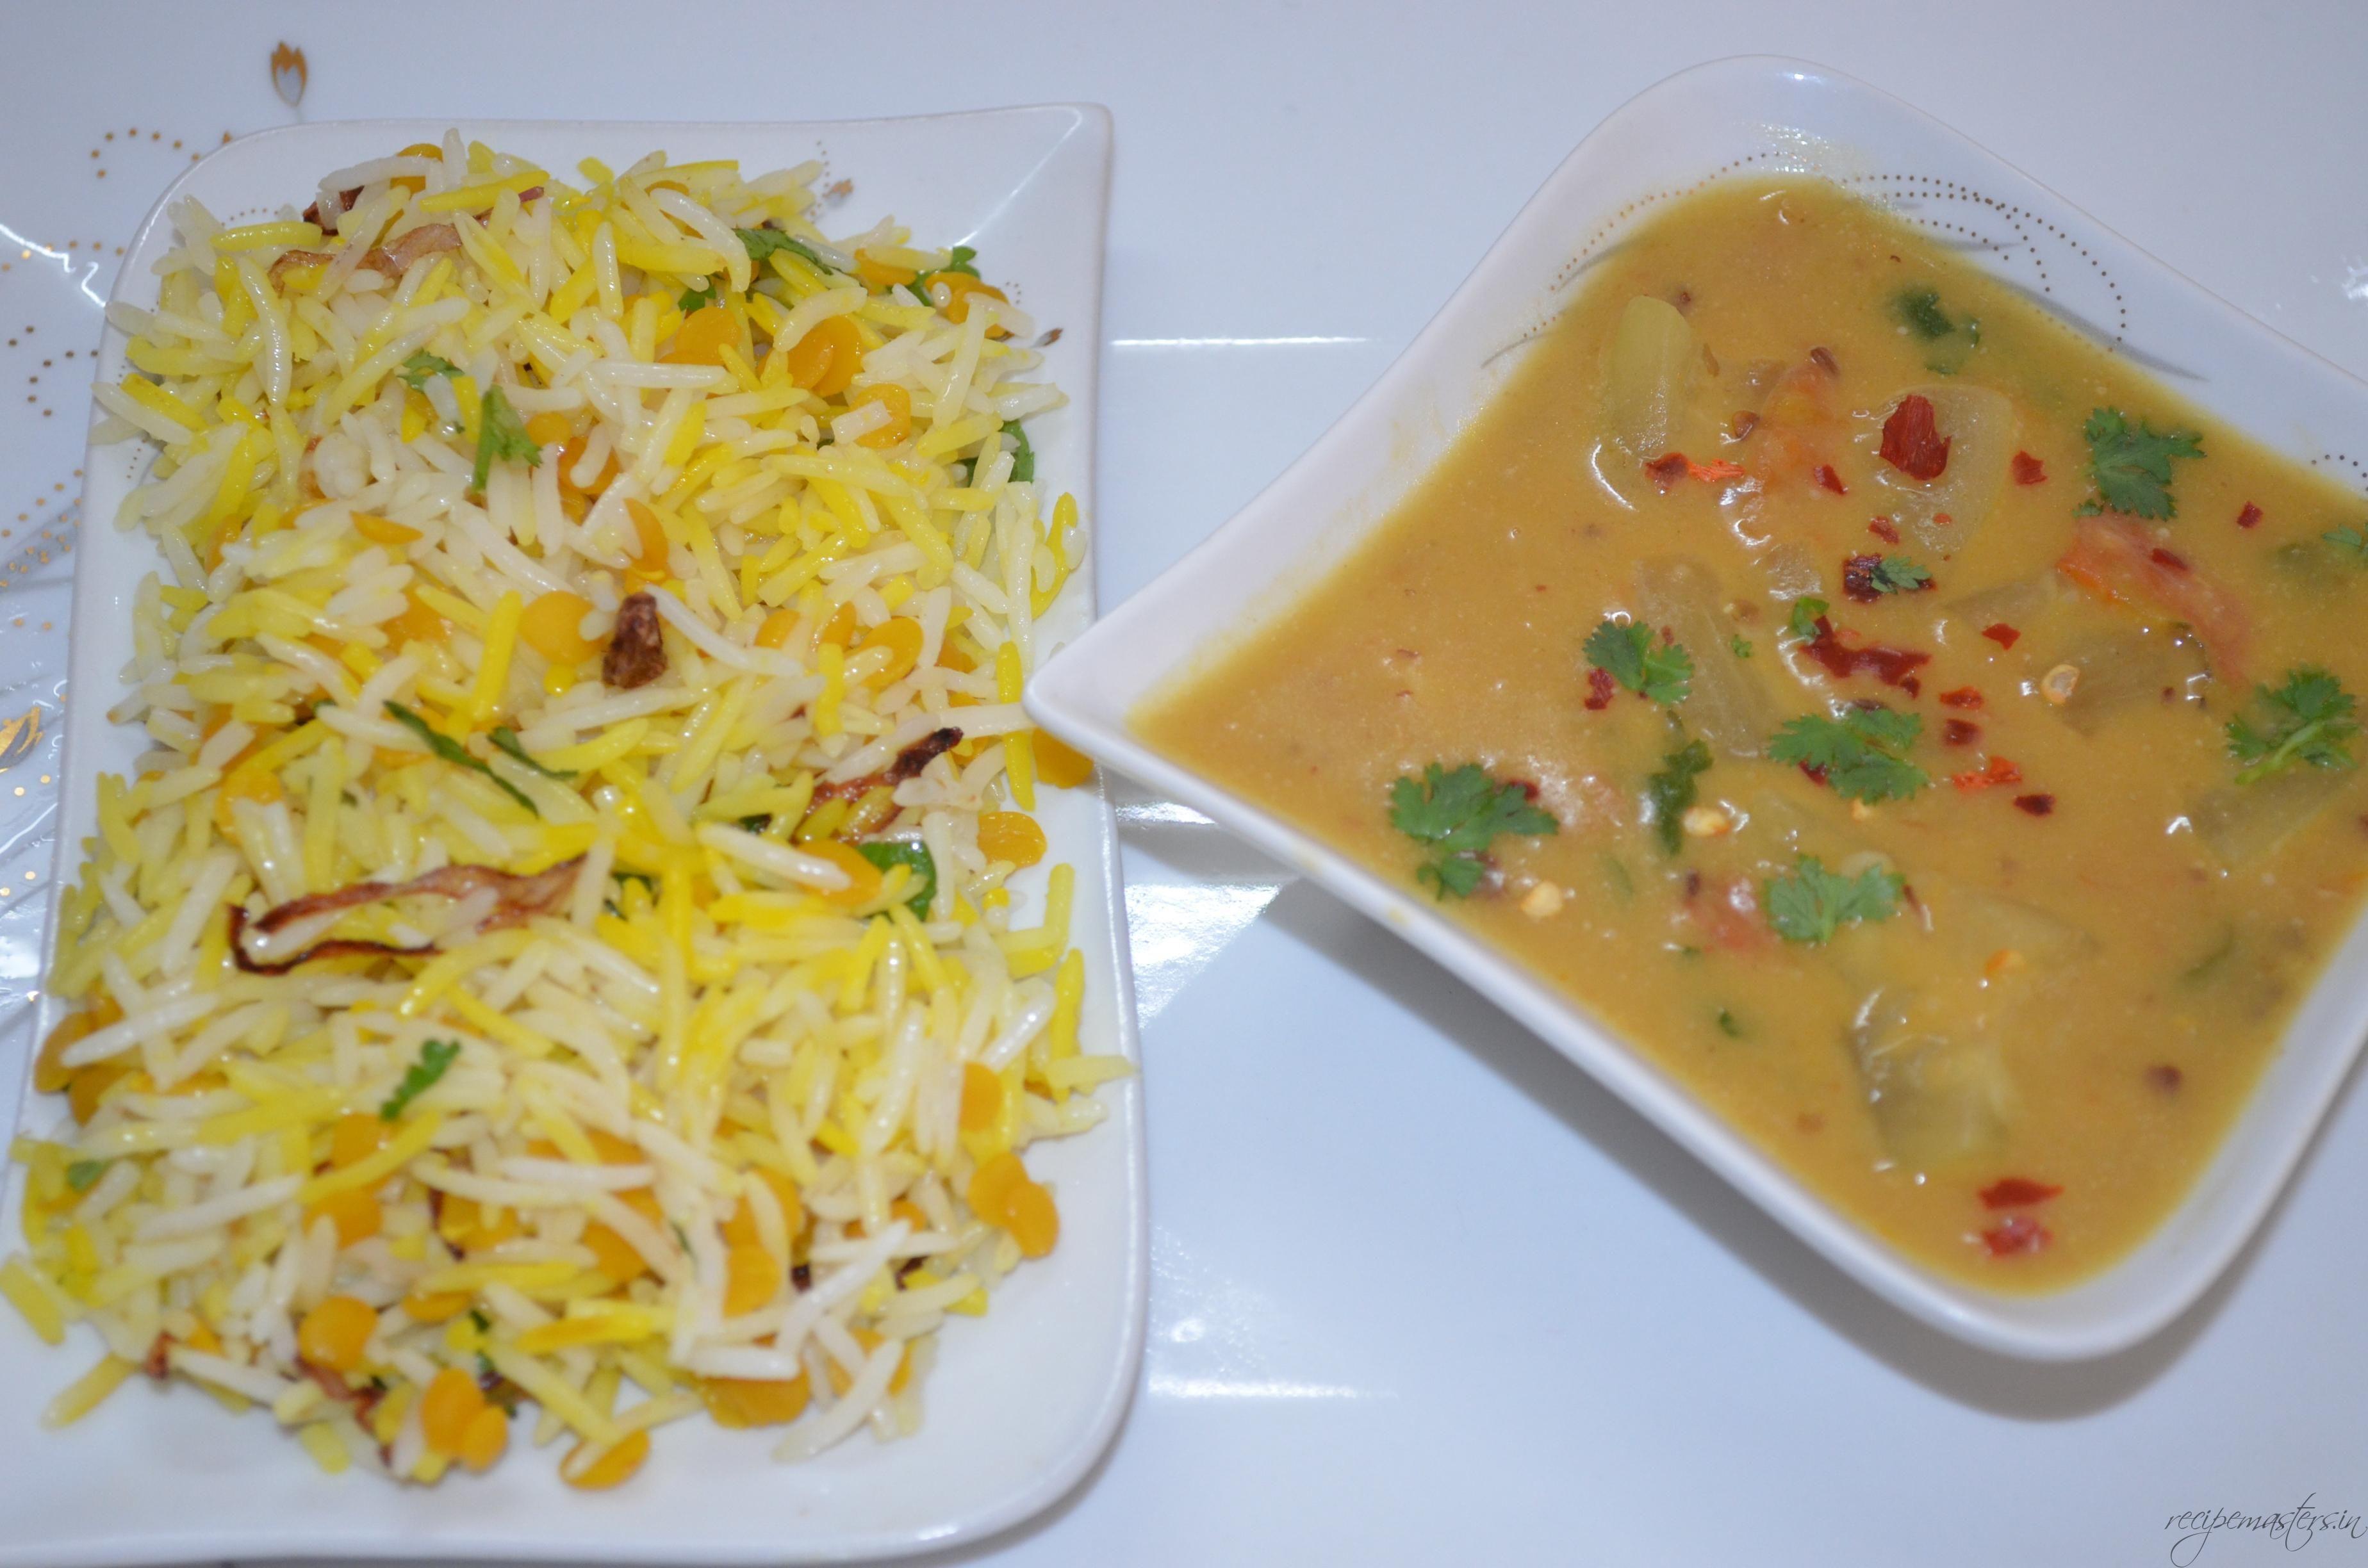 Dal chawal palida by rahat zaid recipe masters indian food dal chawal palida by rahat zaid recipe masters dal frymastersindian food forumfinder Choice Image